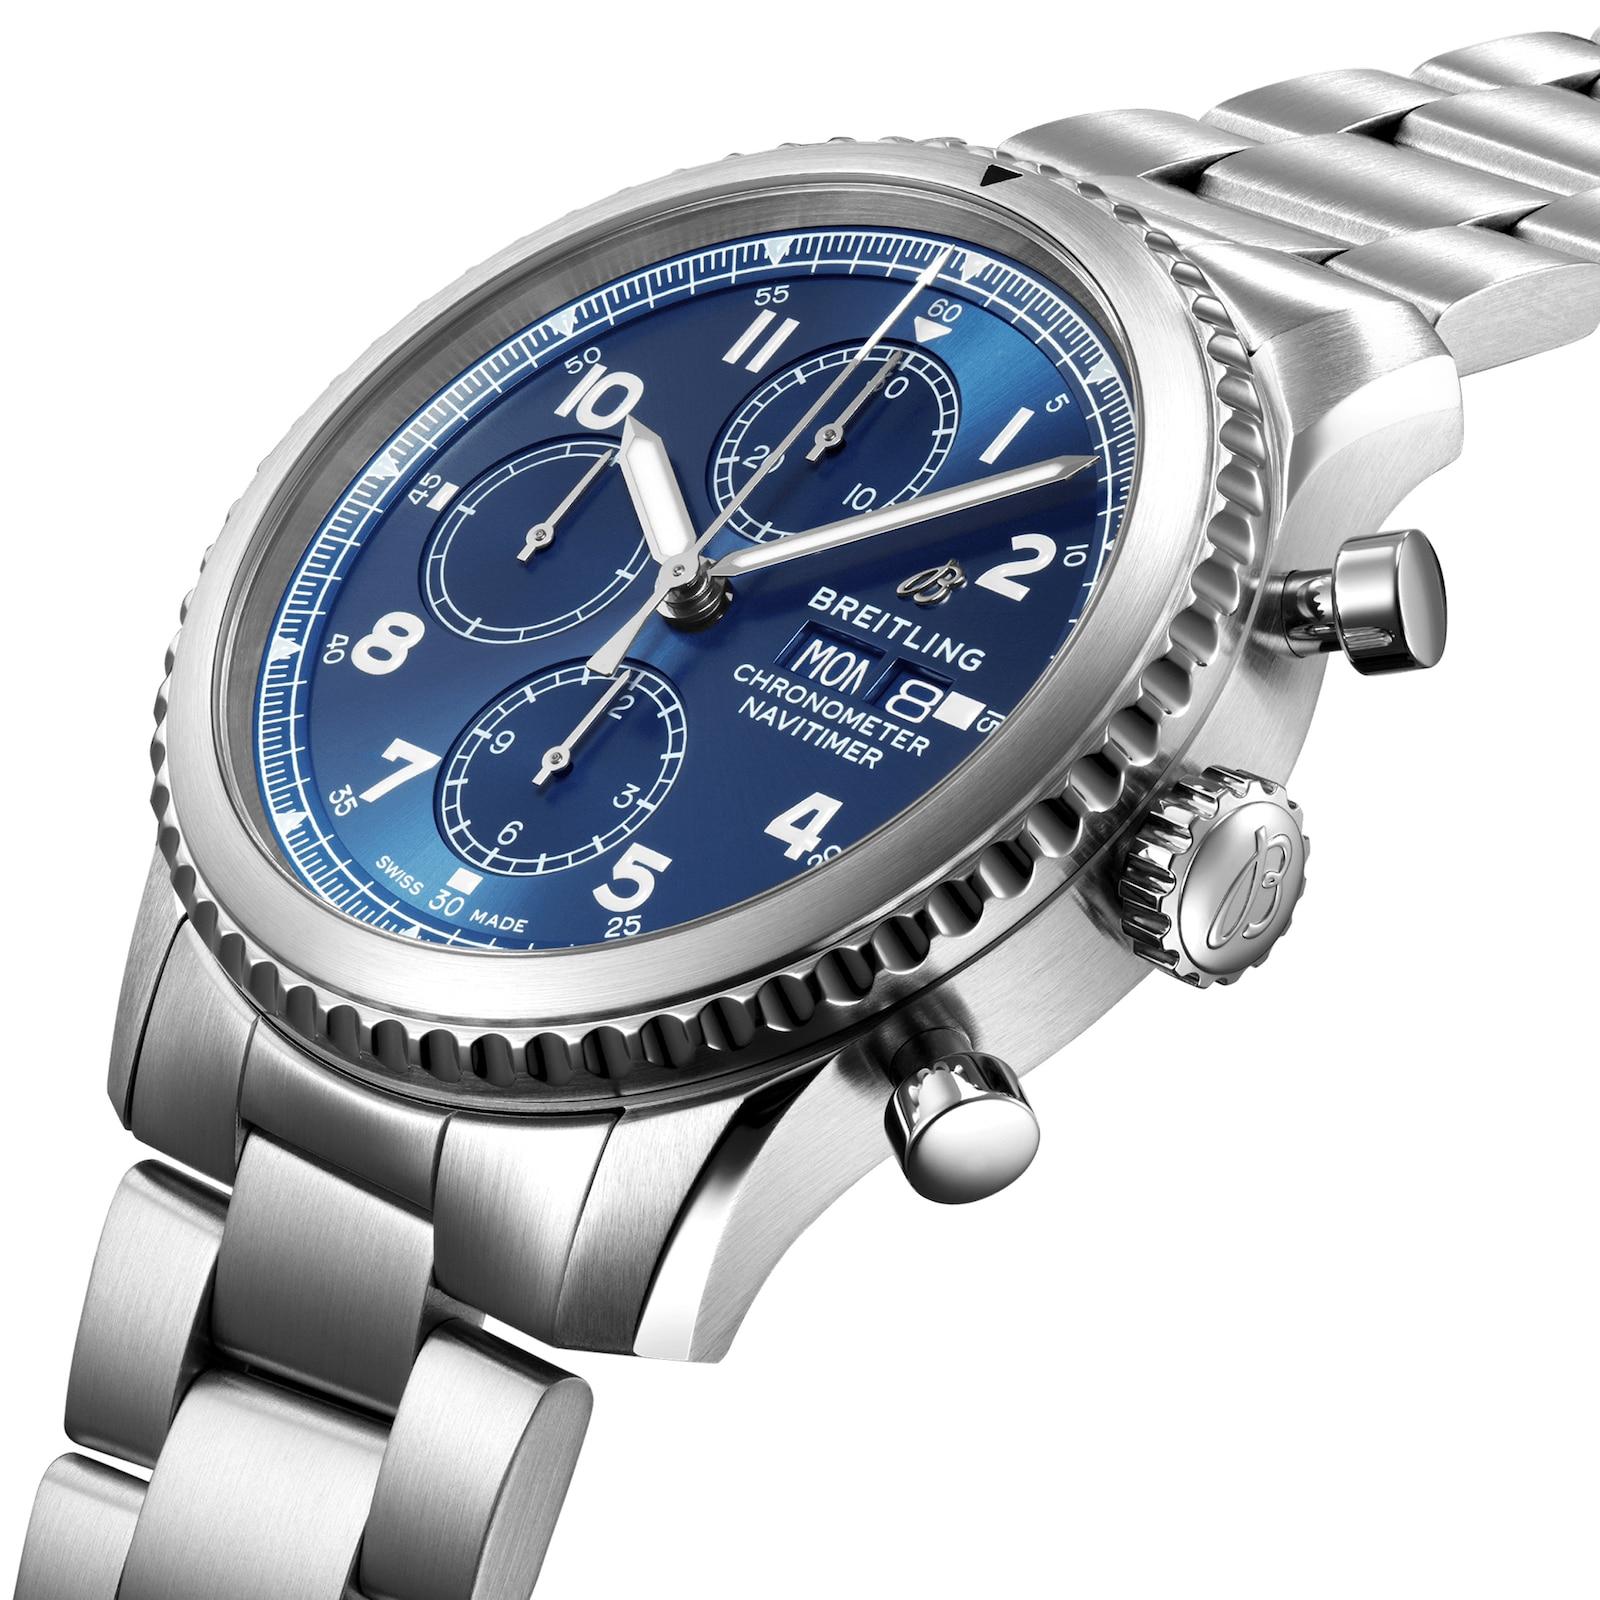 Breitling Aviator 8 Chronograph Mens Watch